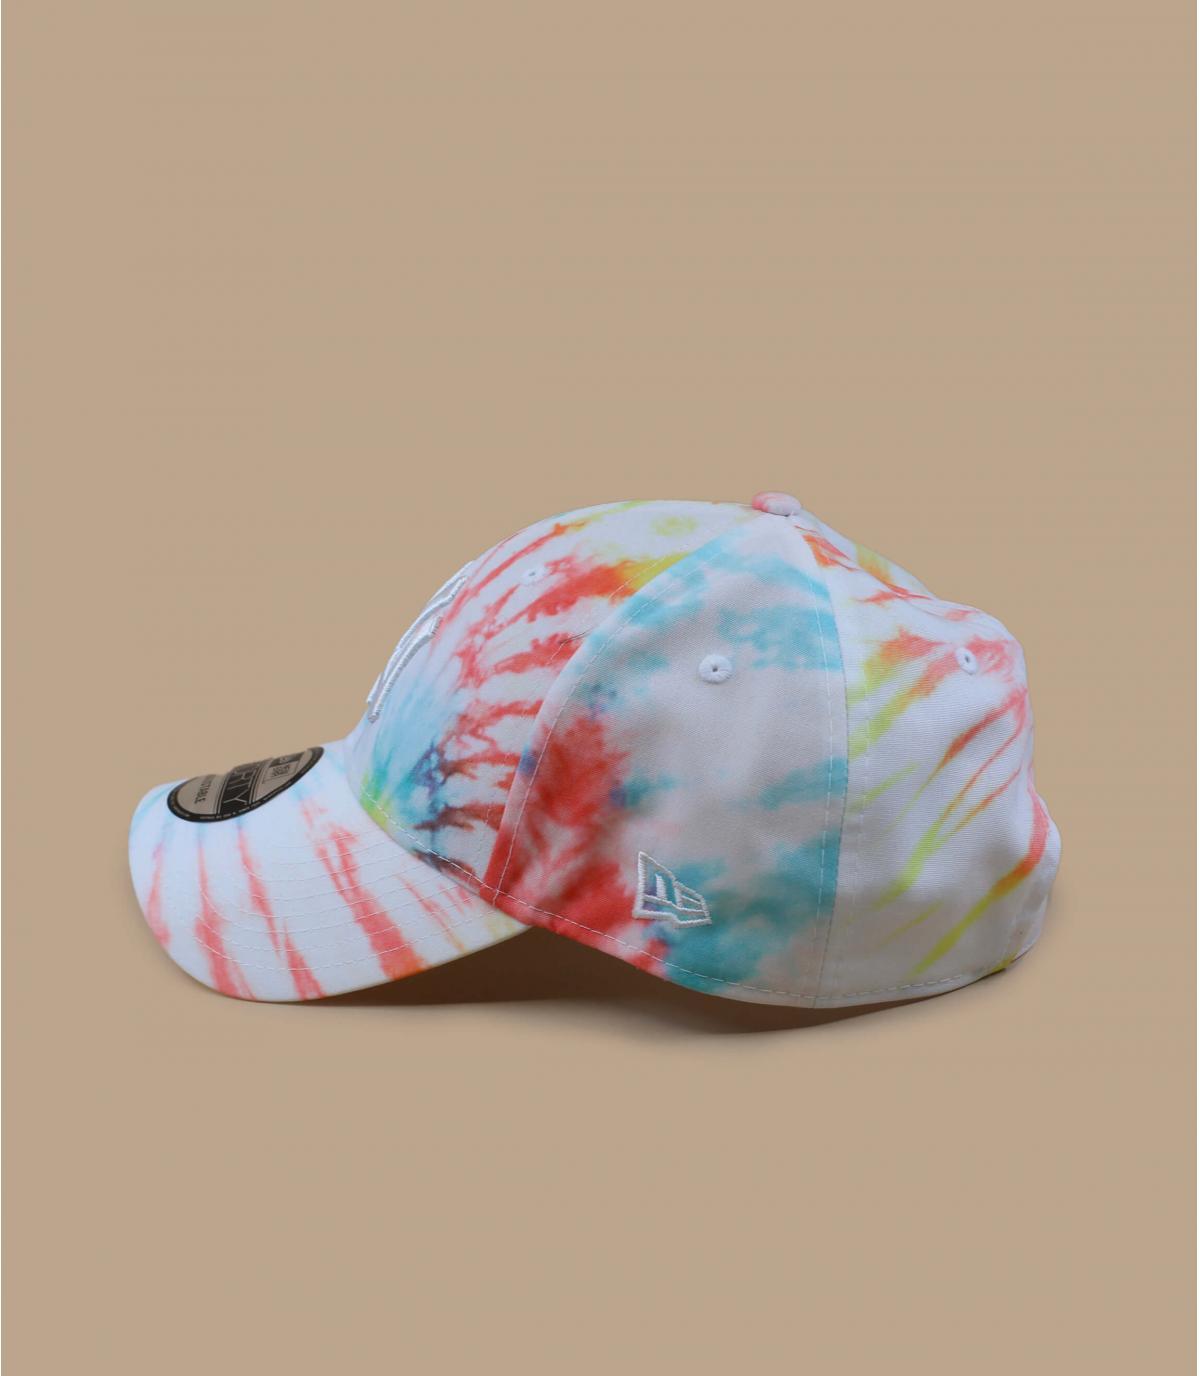 Détails Casquette Tie Dye NY 940 white - image 4